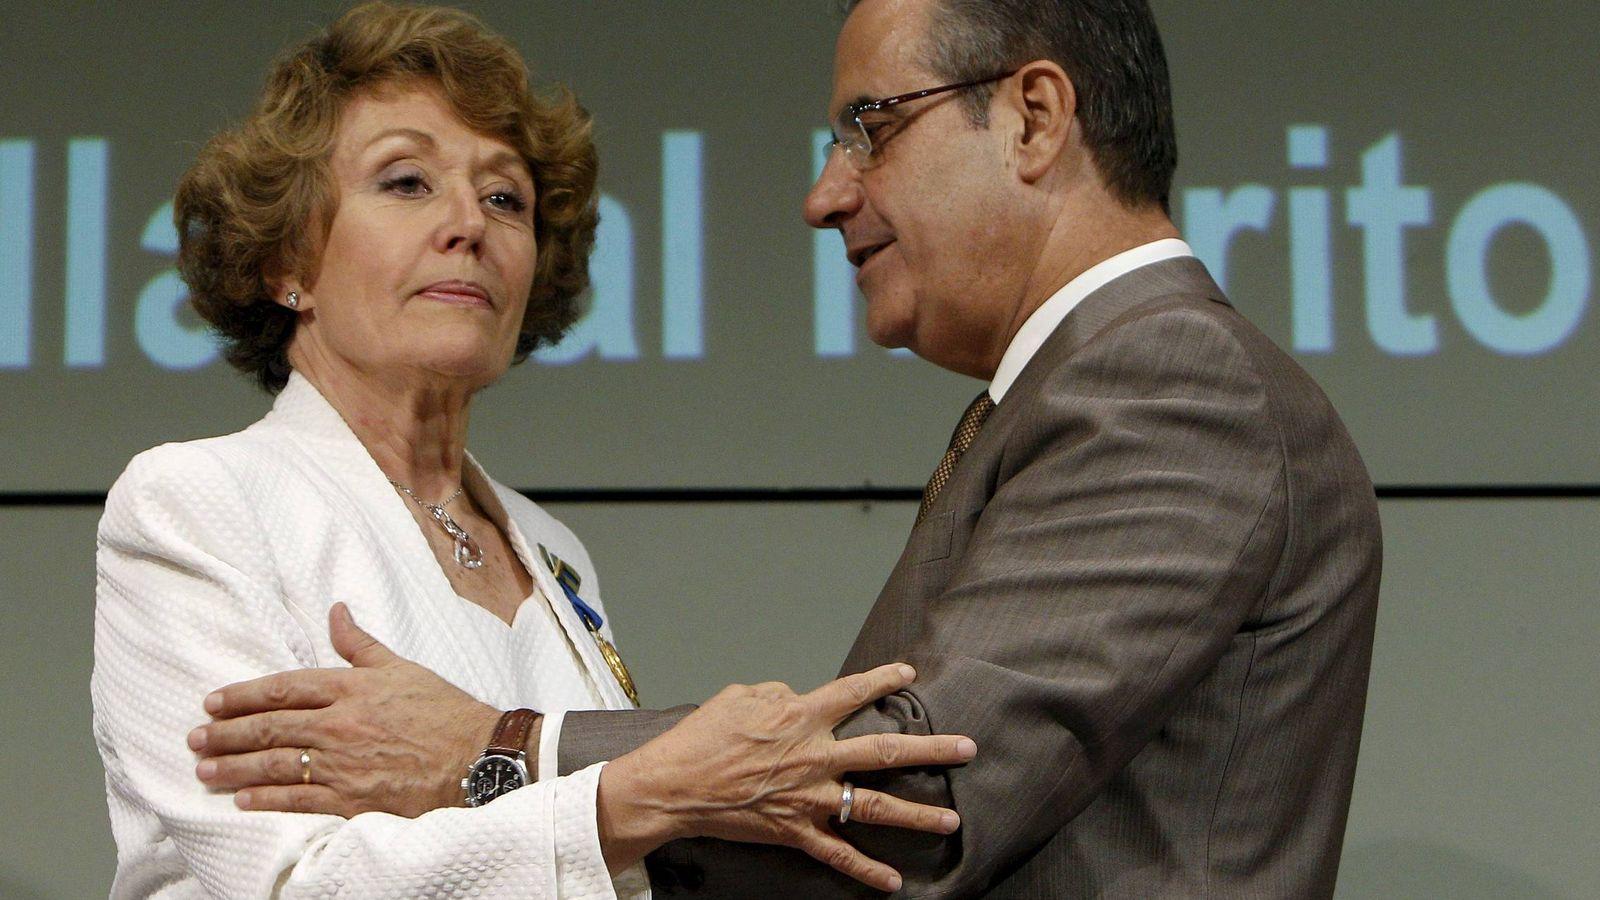 Foto: Rosa María Mateo, cuando recibió la Medalla de Oro al Mérito en el Trabajo de manos del entonces ministro, Celestino Corbacho, el 29 de junio de 2010. (EFE)